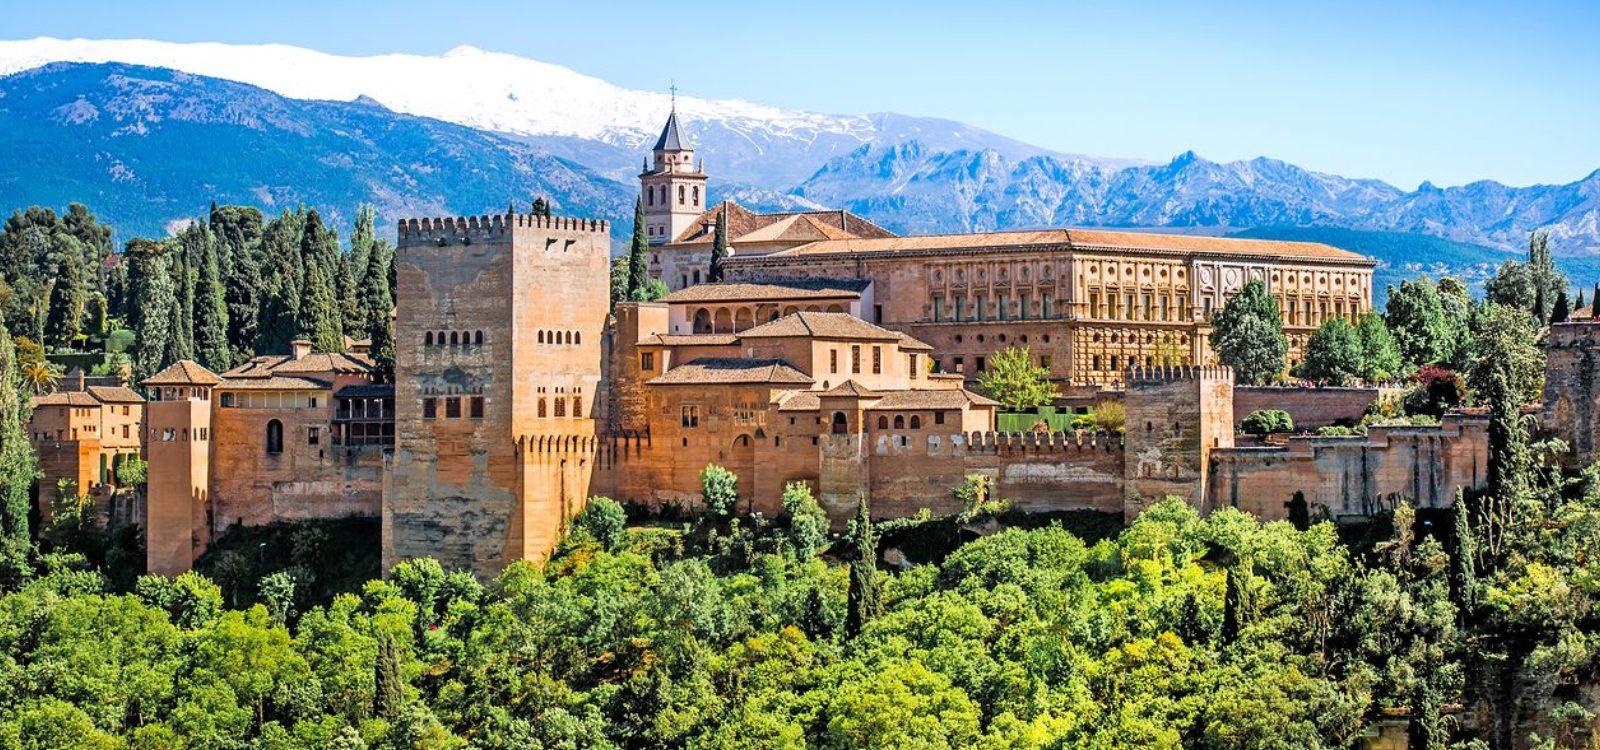 granada alhambra andalucia